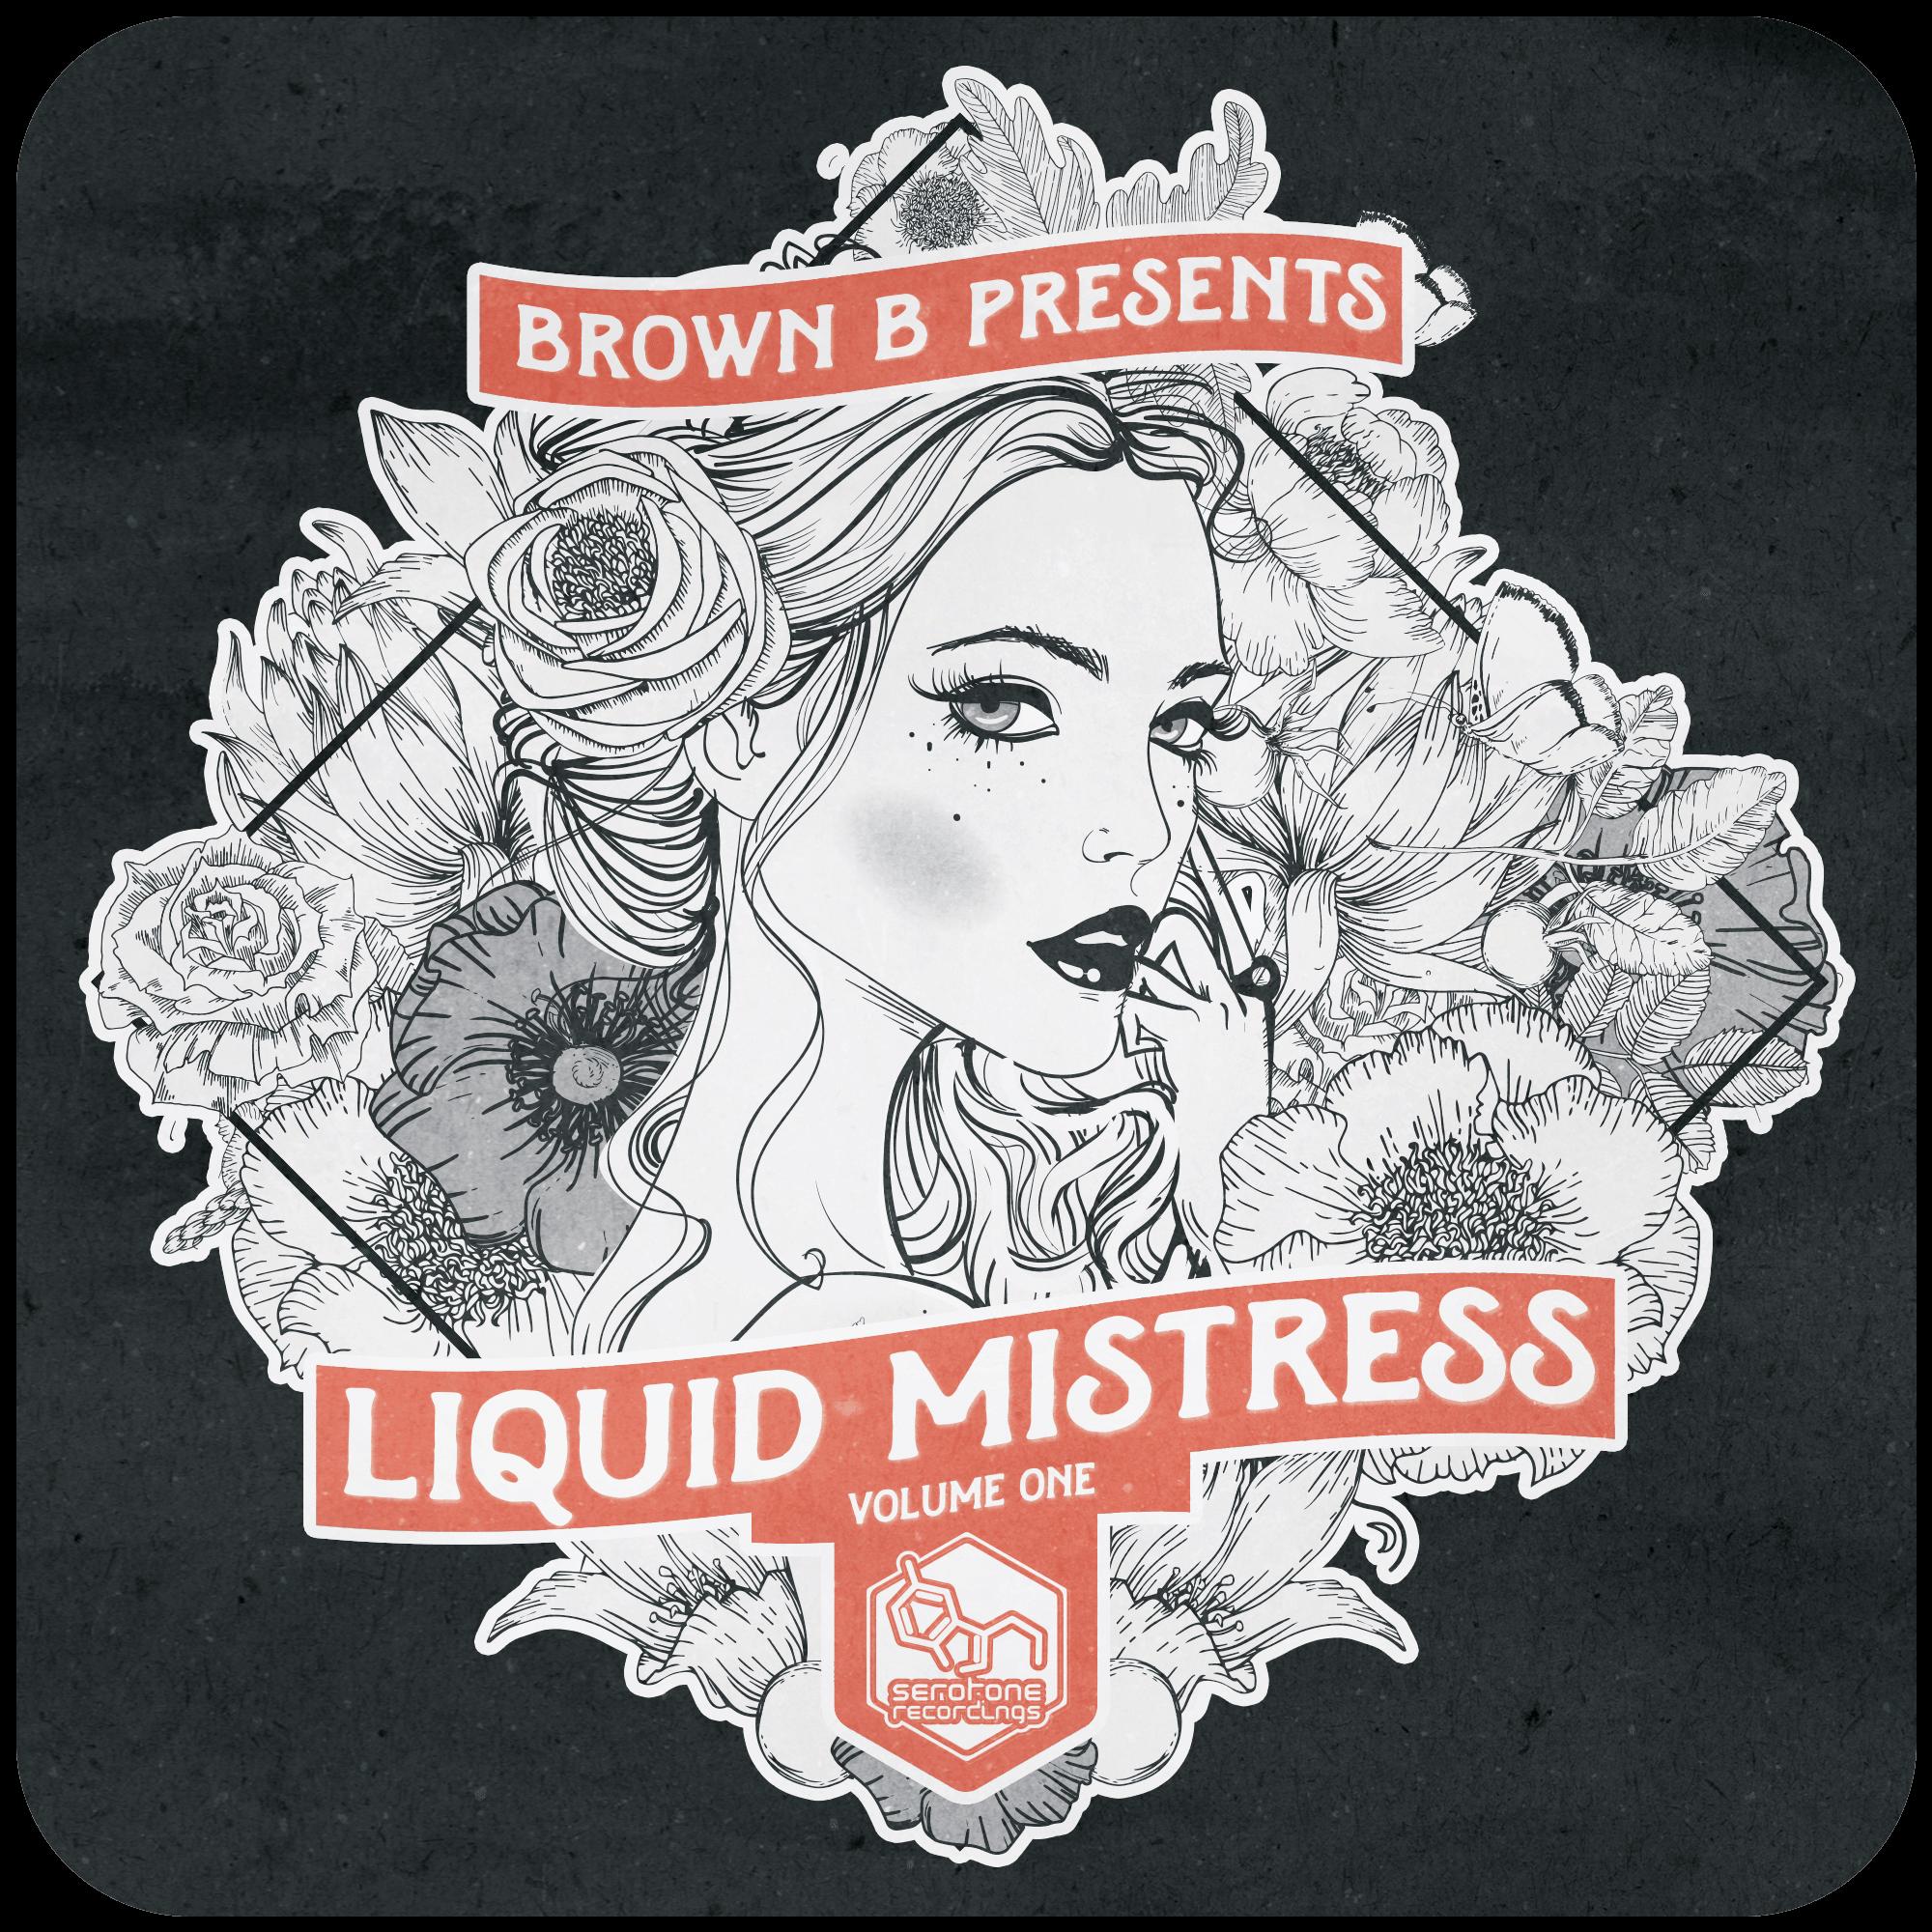 Brown B Presents – Liquid Mistress